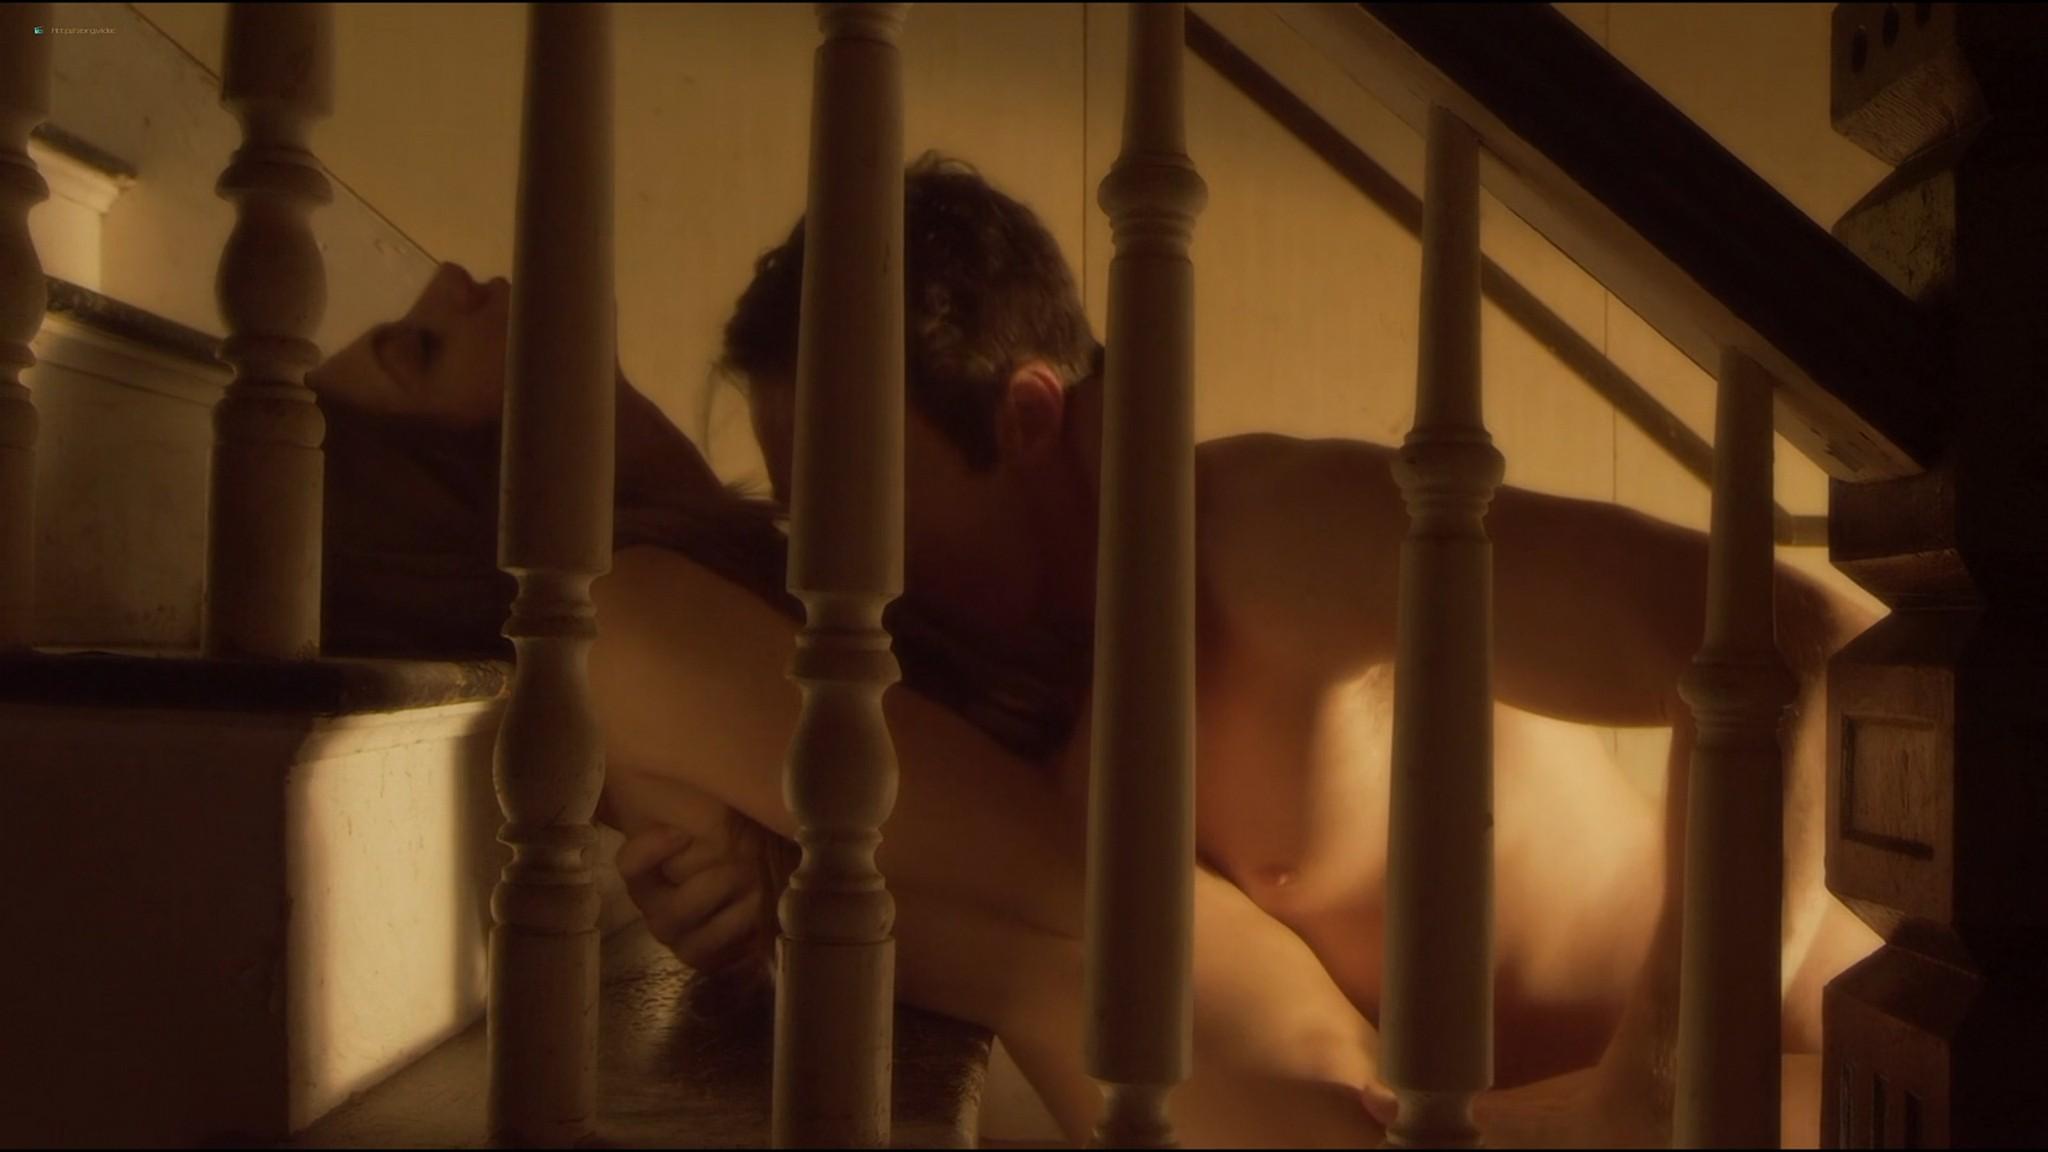 Kari Wuhrer nude Mia Serafino, Mary Anthony sexy - Secrets of a Psychopath (2013) HD 1080p Web (6)